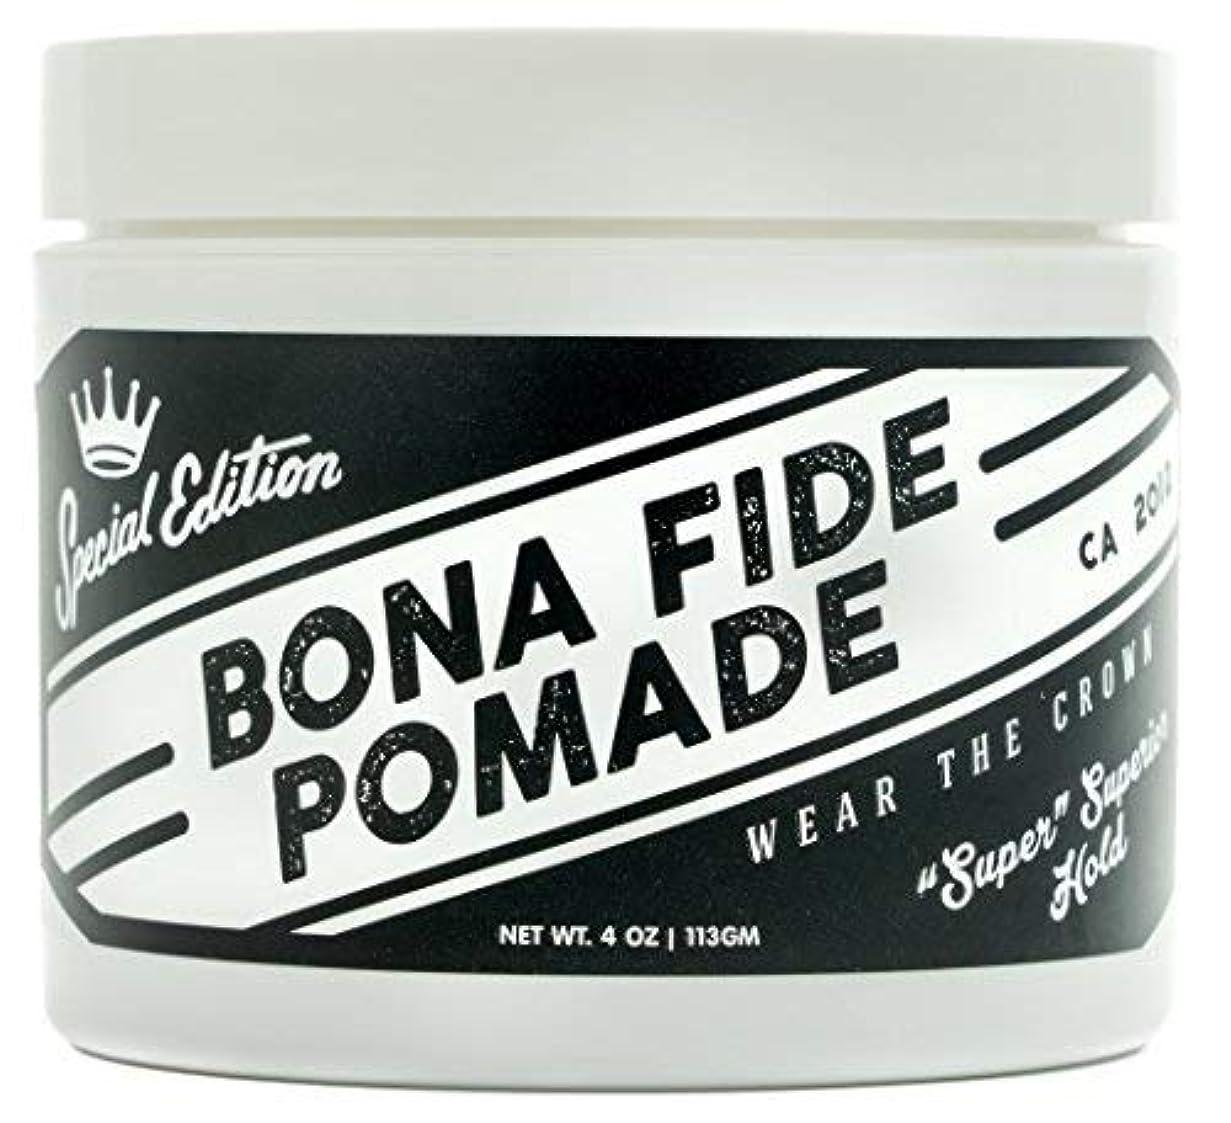 受け入れた満員自信があるボナファイドポマード(BONA FIDE POMADE) スーパースーペリアホールドSE メンズ 整髪料 水性 ヘアグリース